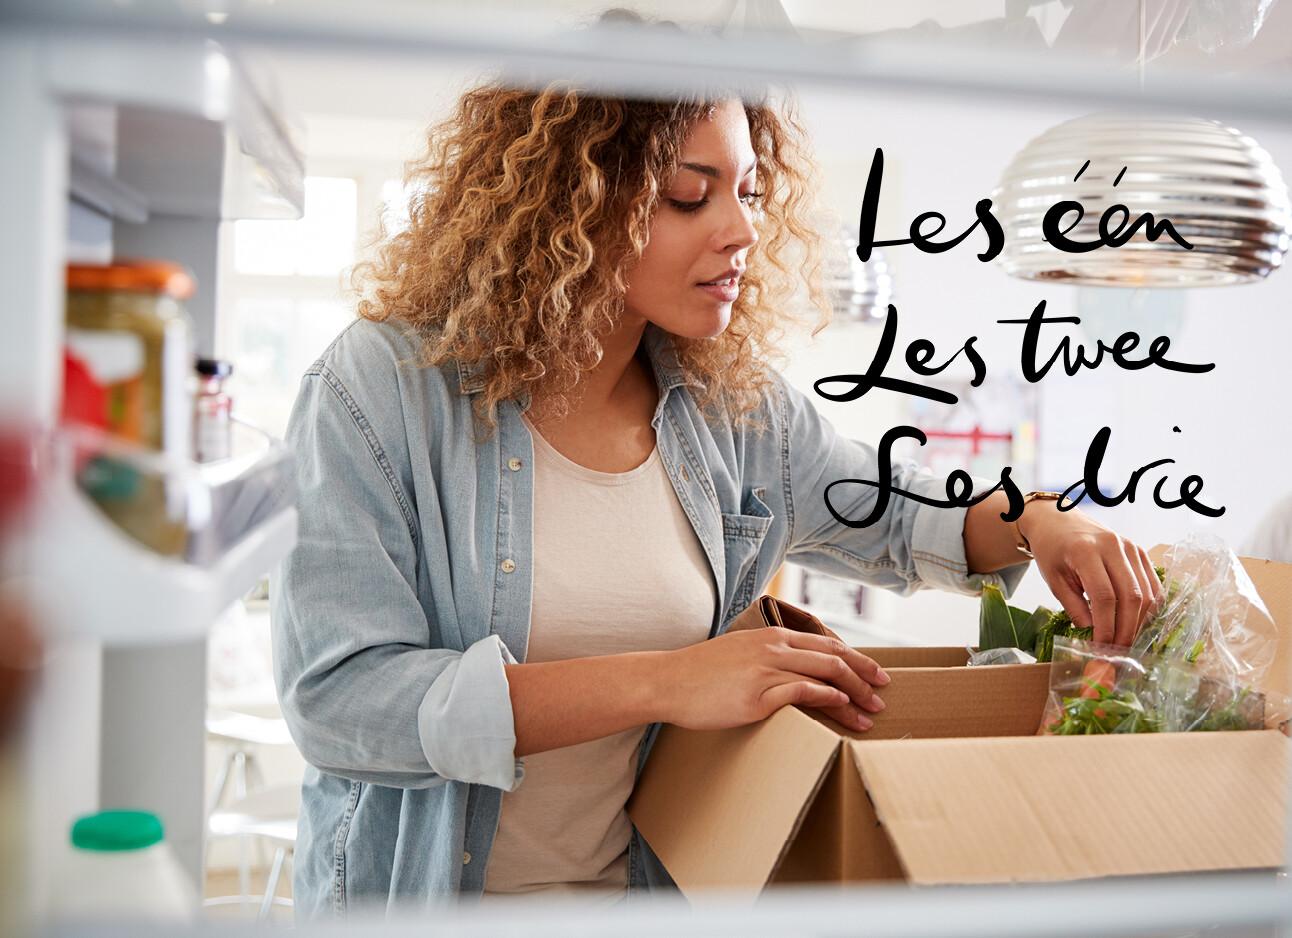 vrouw met doos supermarkt voeding koelkast